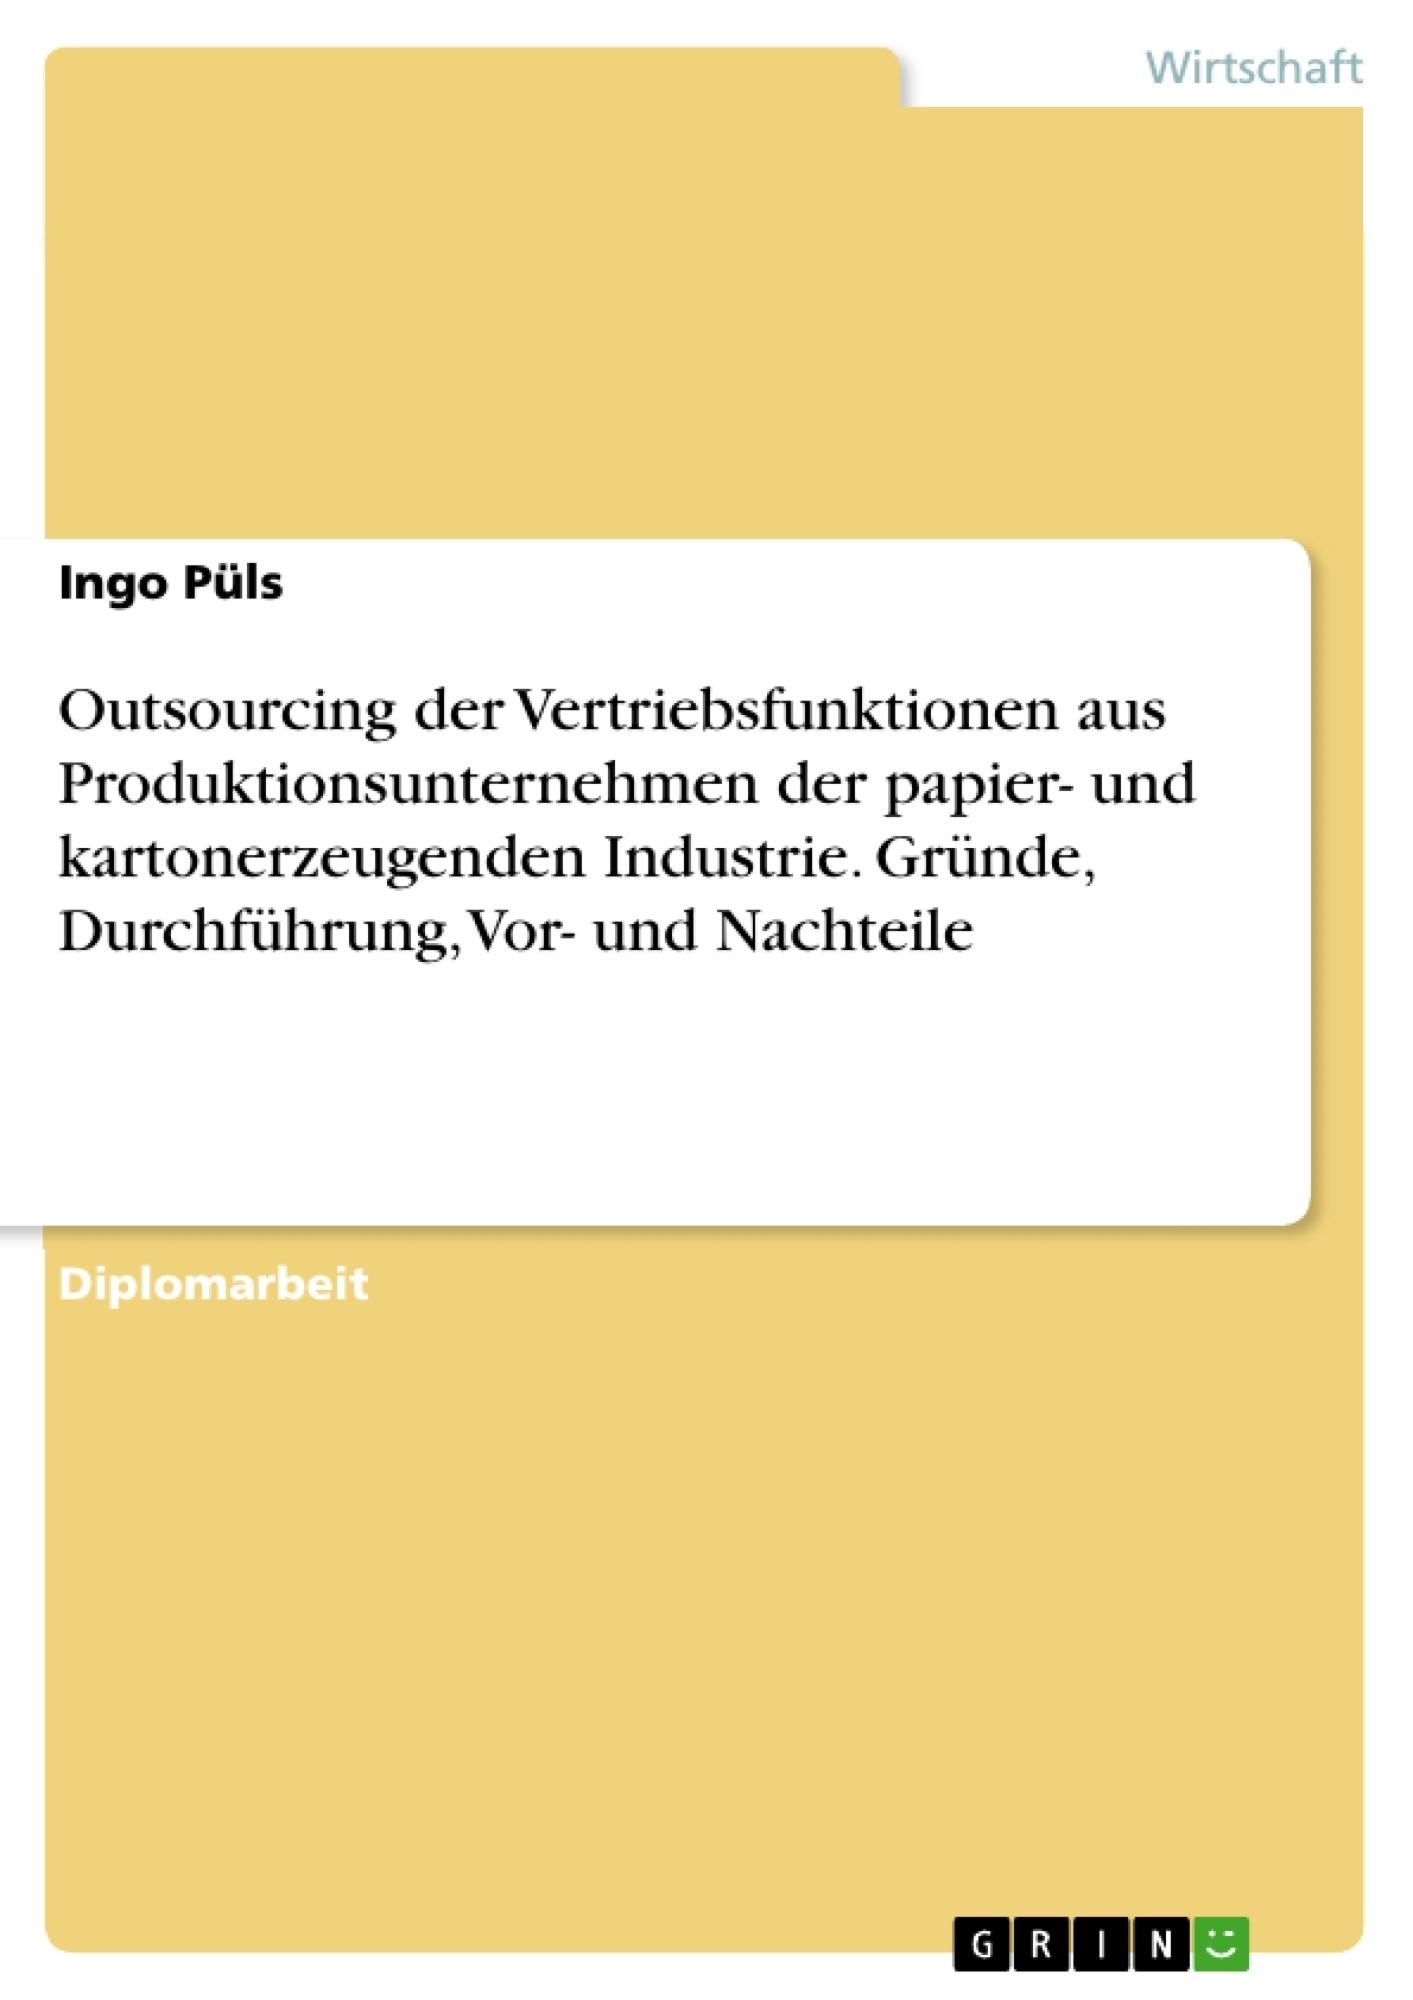 Titel: Outsourcing der Vertriebsfunktionen aus Produktionsunternehmen der papier- und kartonerzeugenden Industrie. Gründe, Durchführung, Vor- und Nachteile